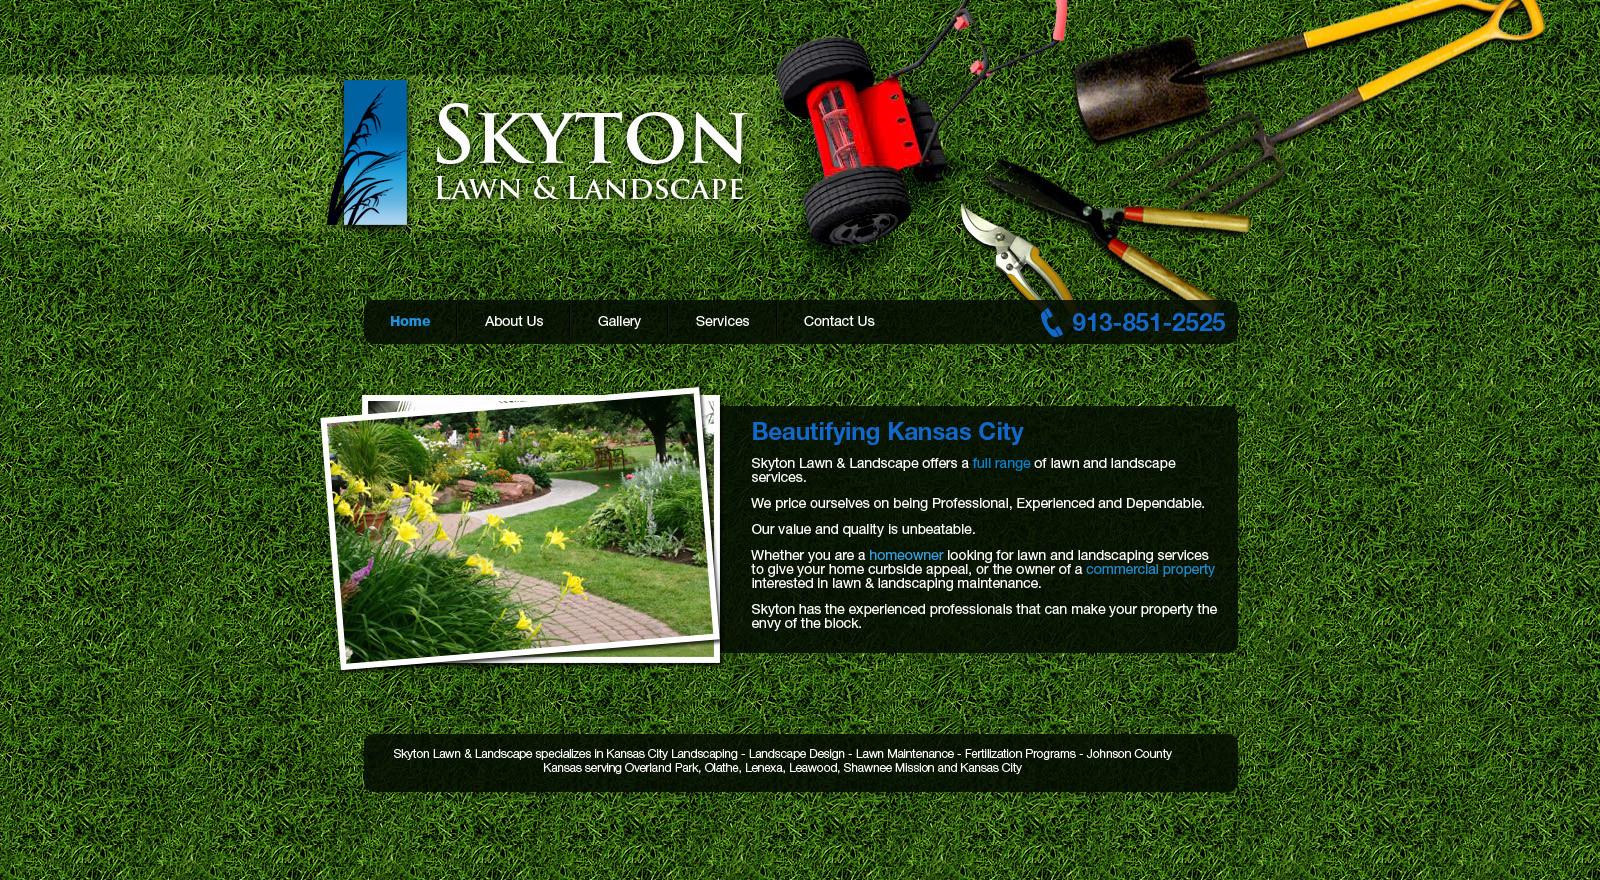 Skyton Main Page